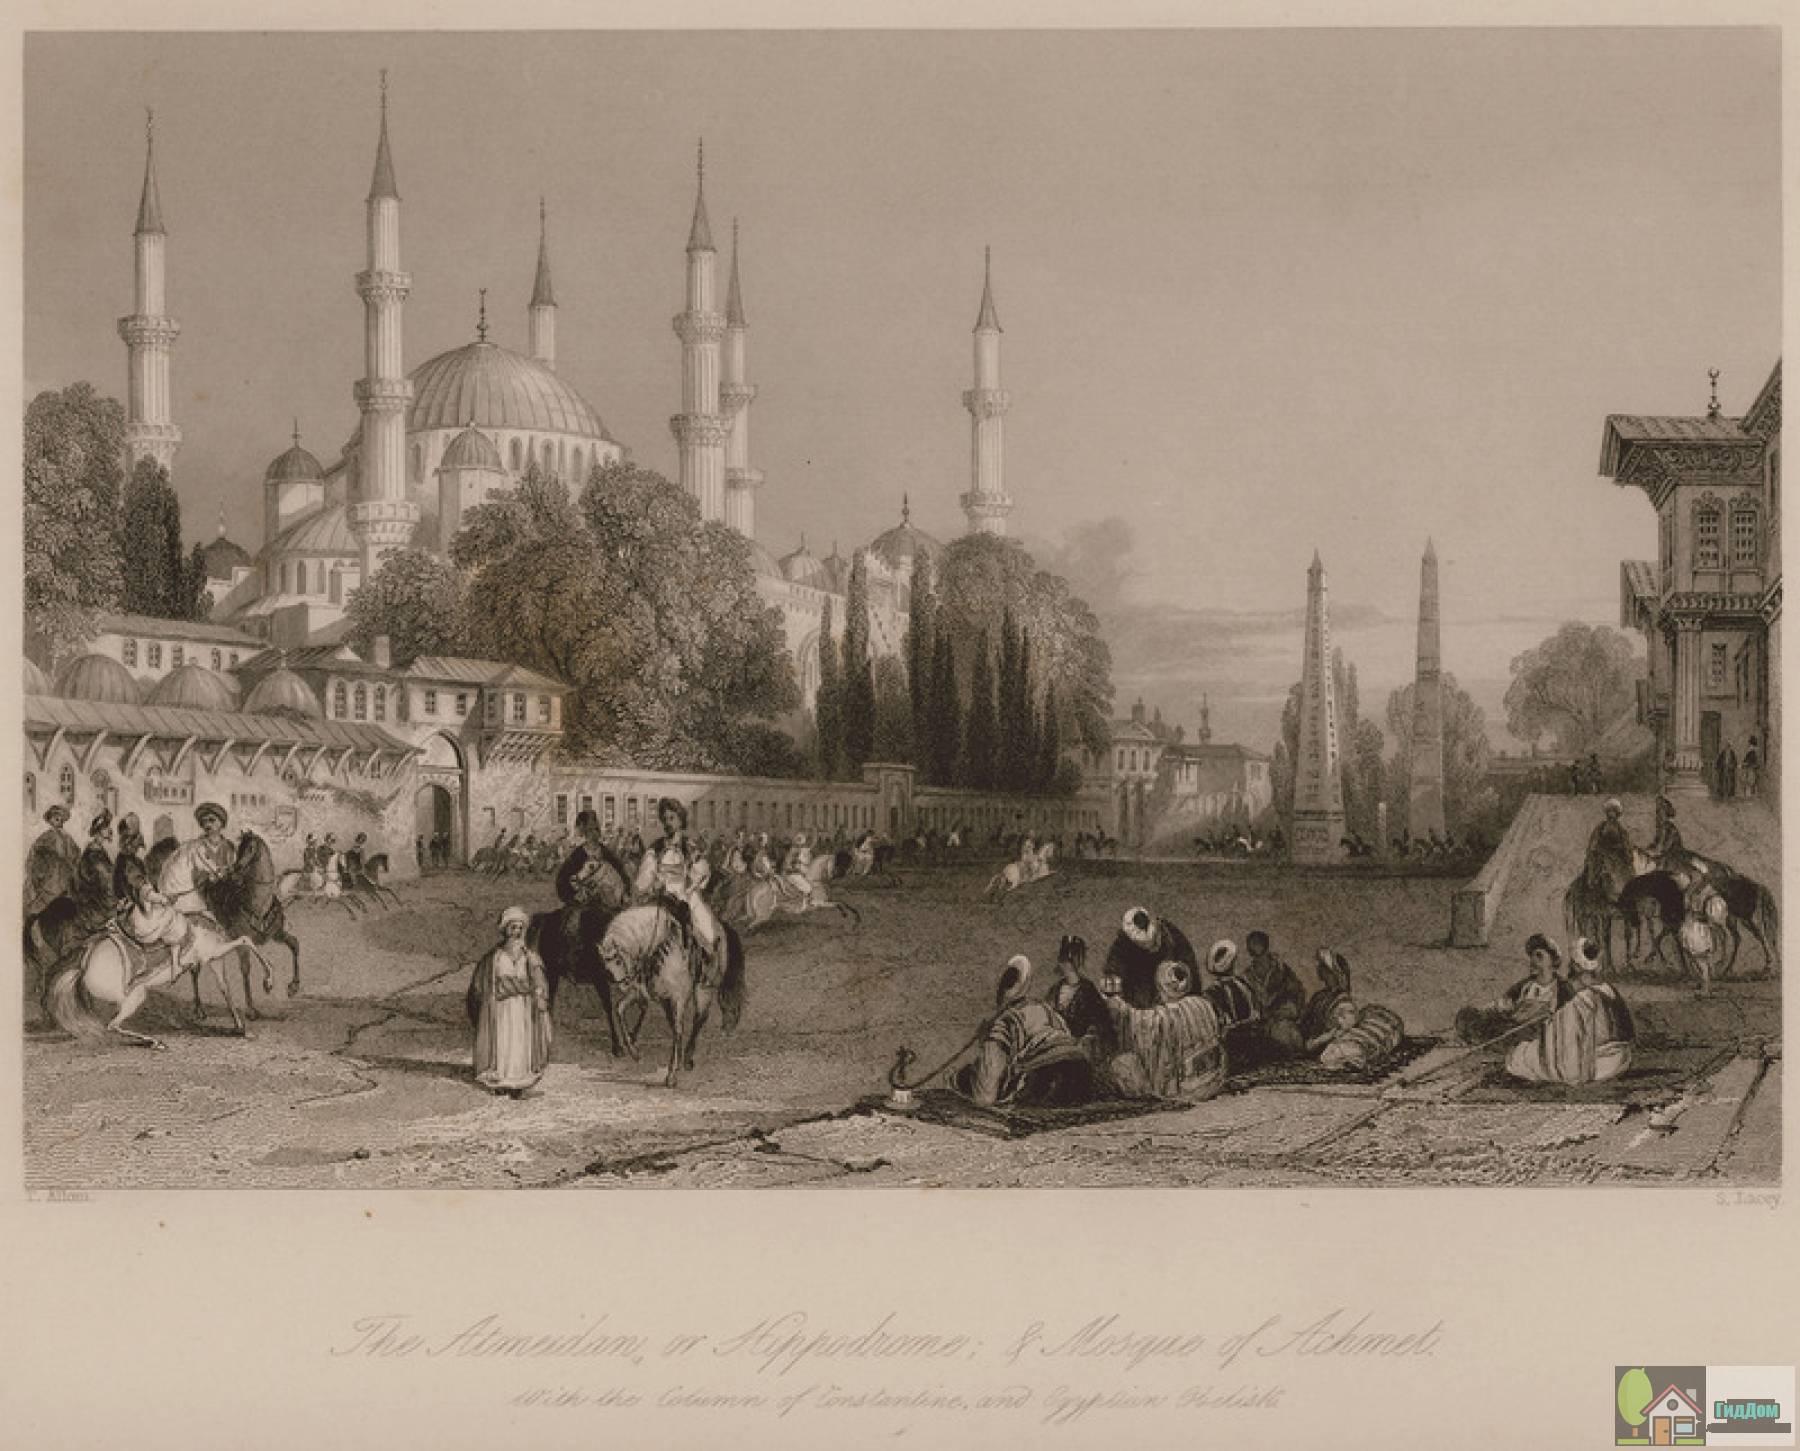 Голубую мечеть в Стамбуле на рисунке 1836 года. Файл загружен из открытых источников.